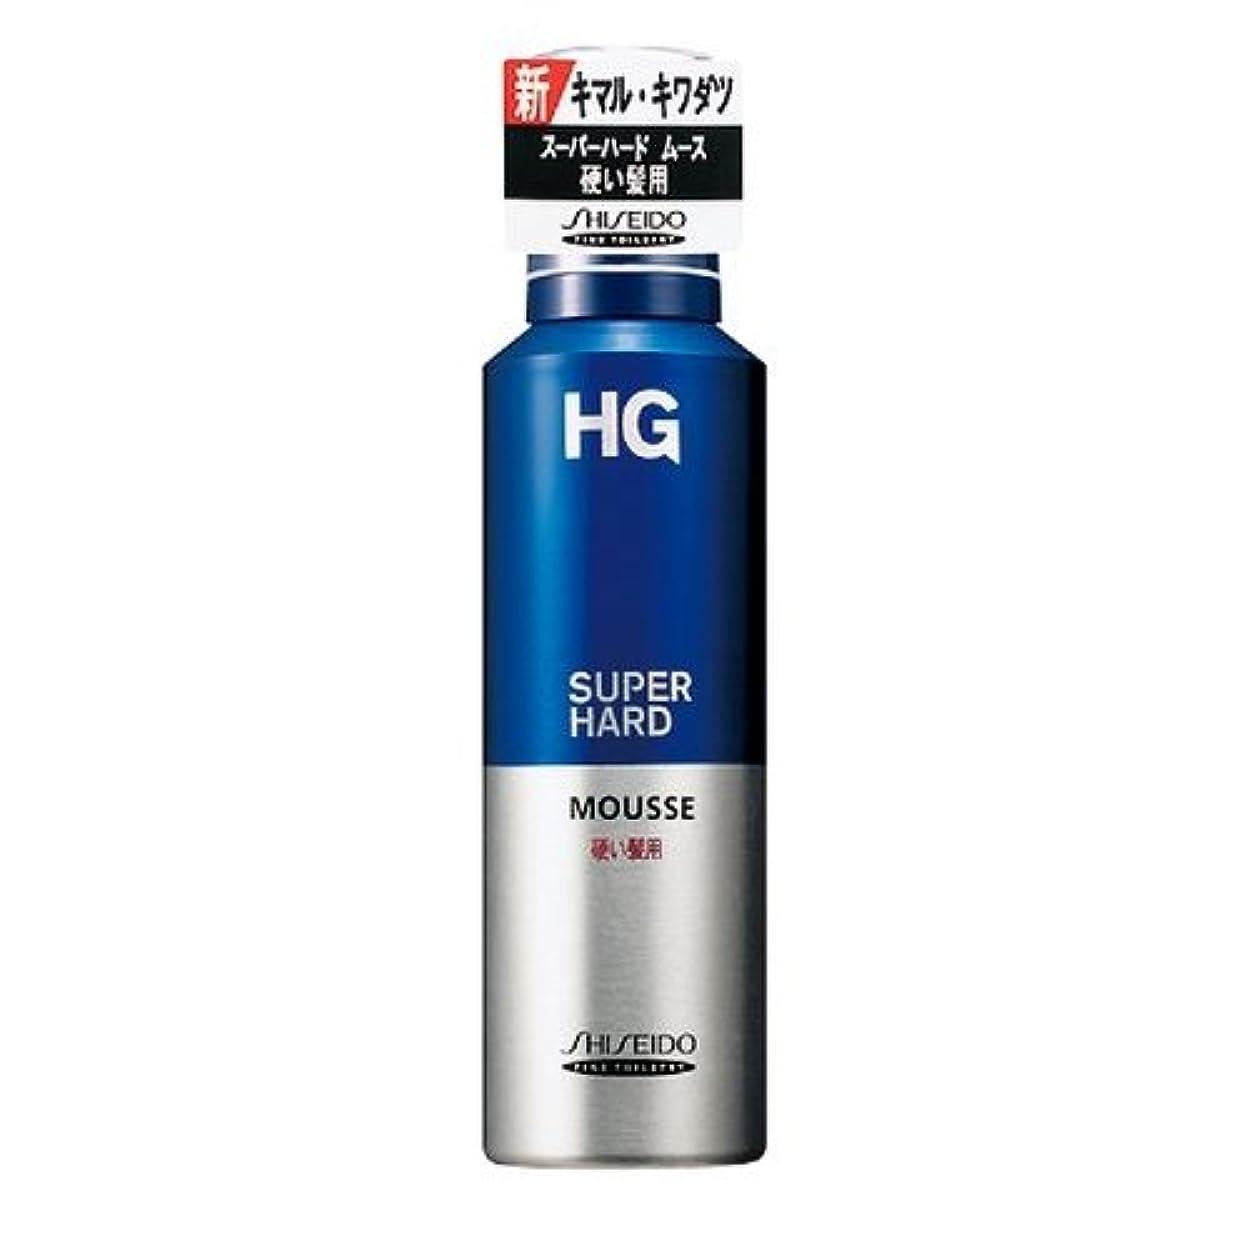 聖なるブーストレースHG スーパーハードムース 硬い髪用a 180g